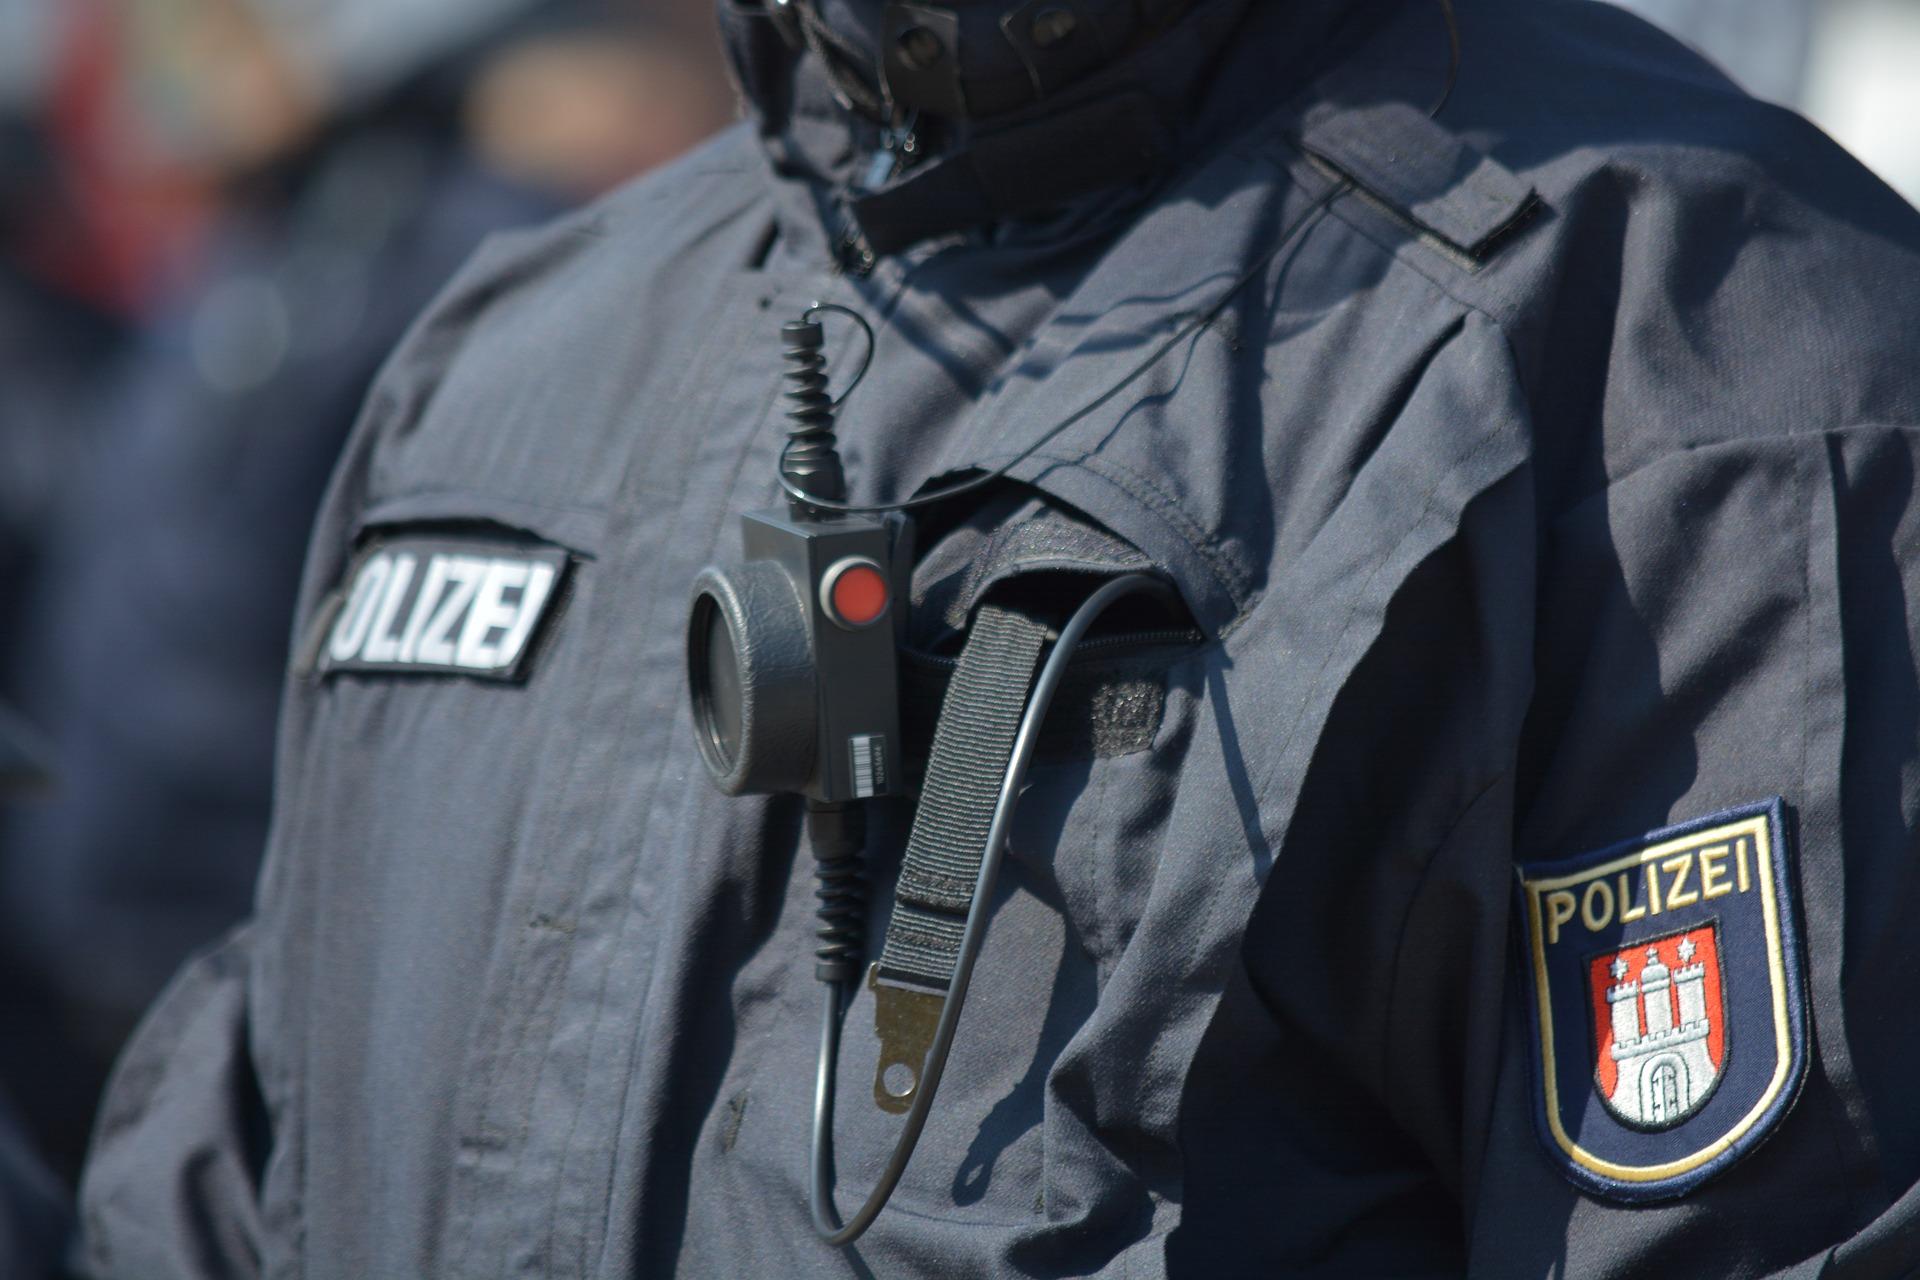 Deutschland: Polizei verhindert syrischen Terroranschlag